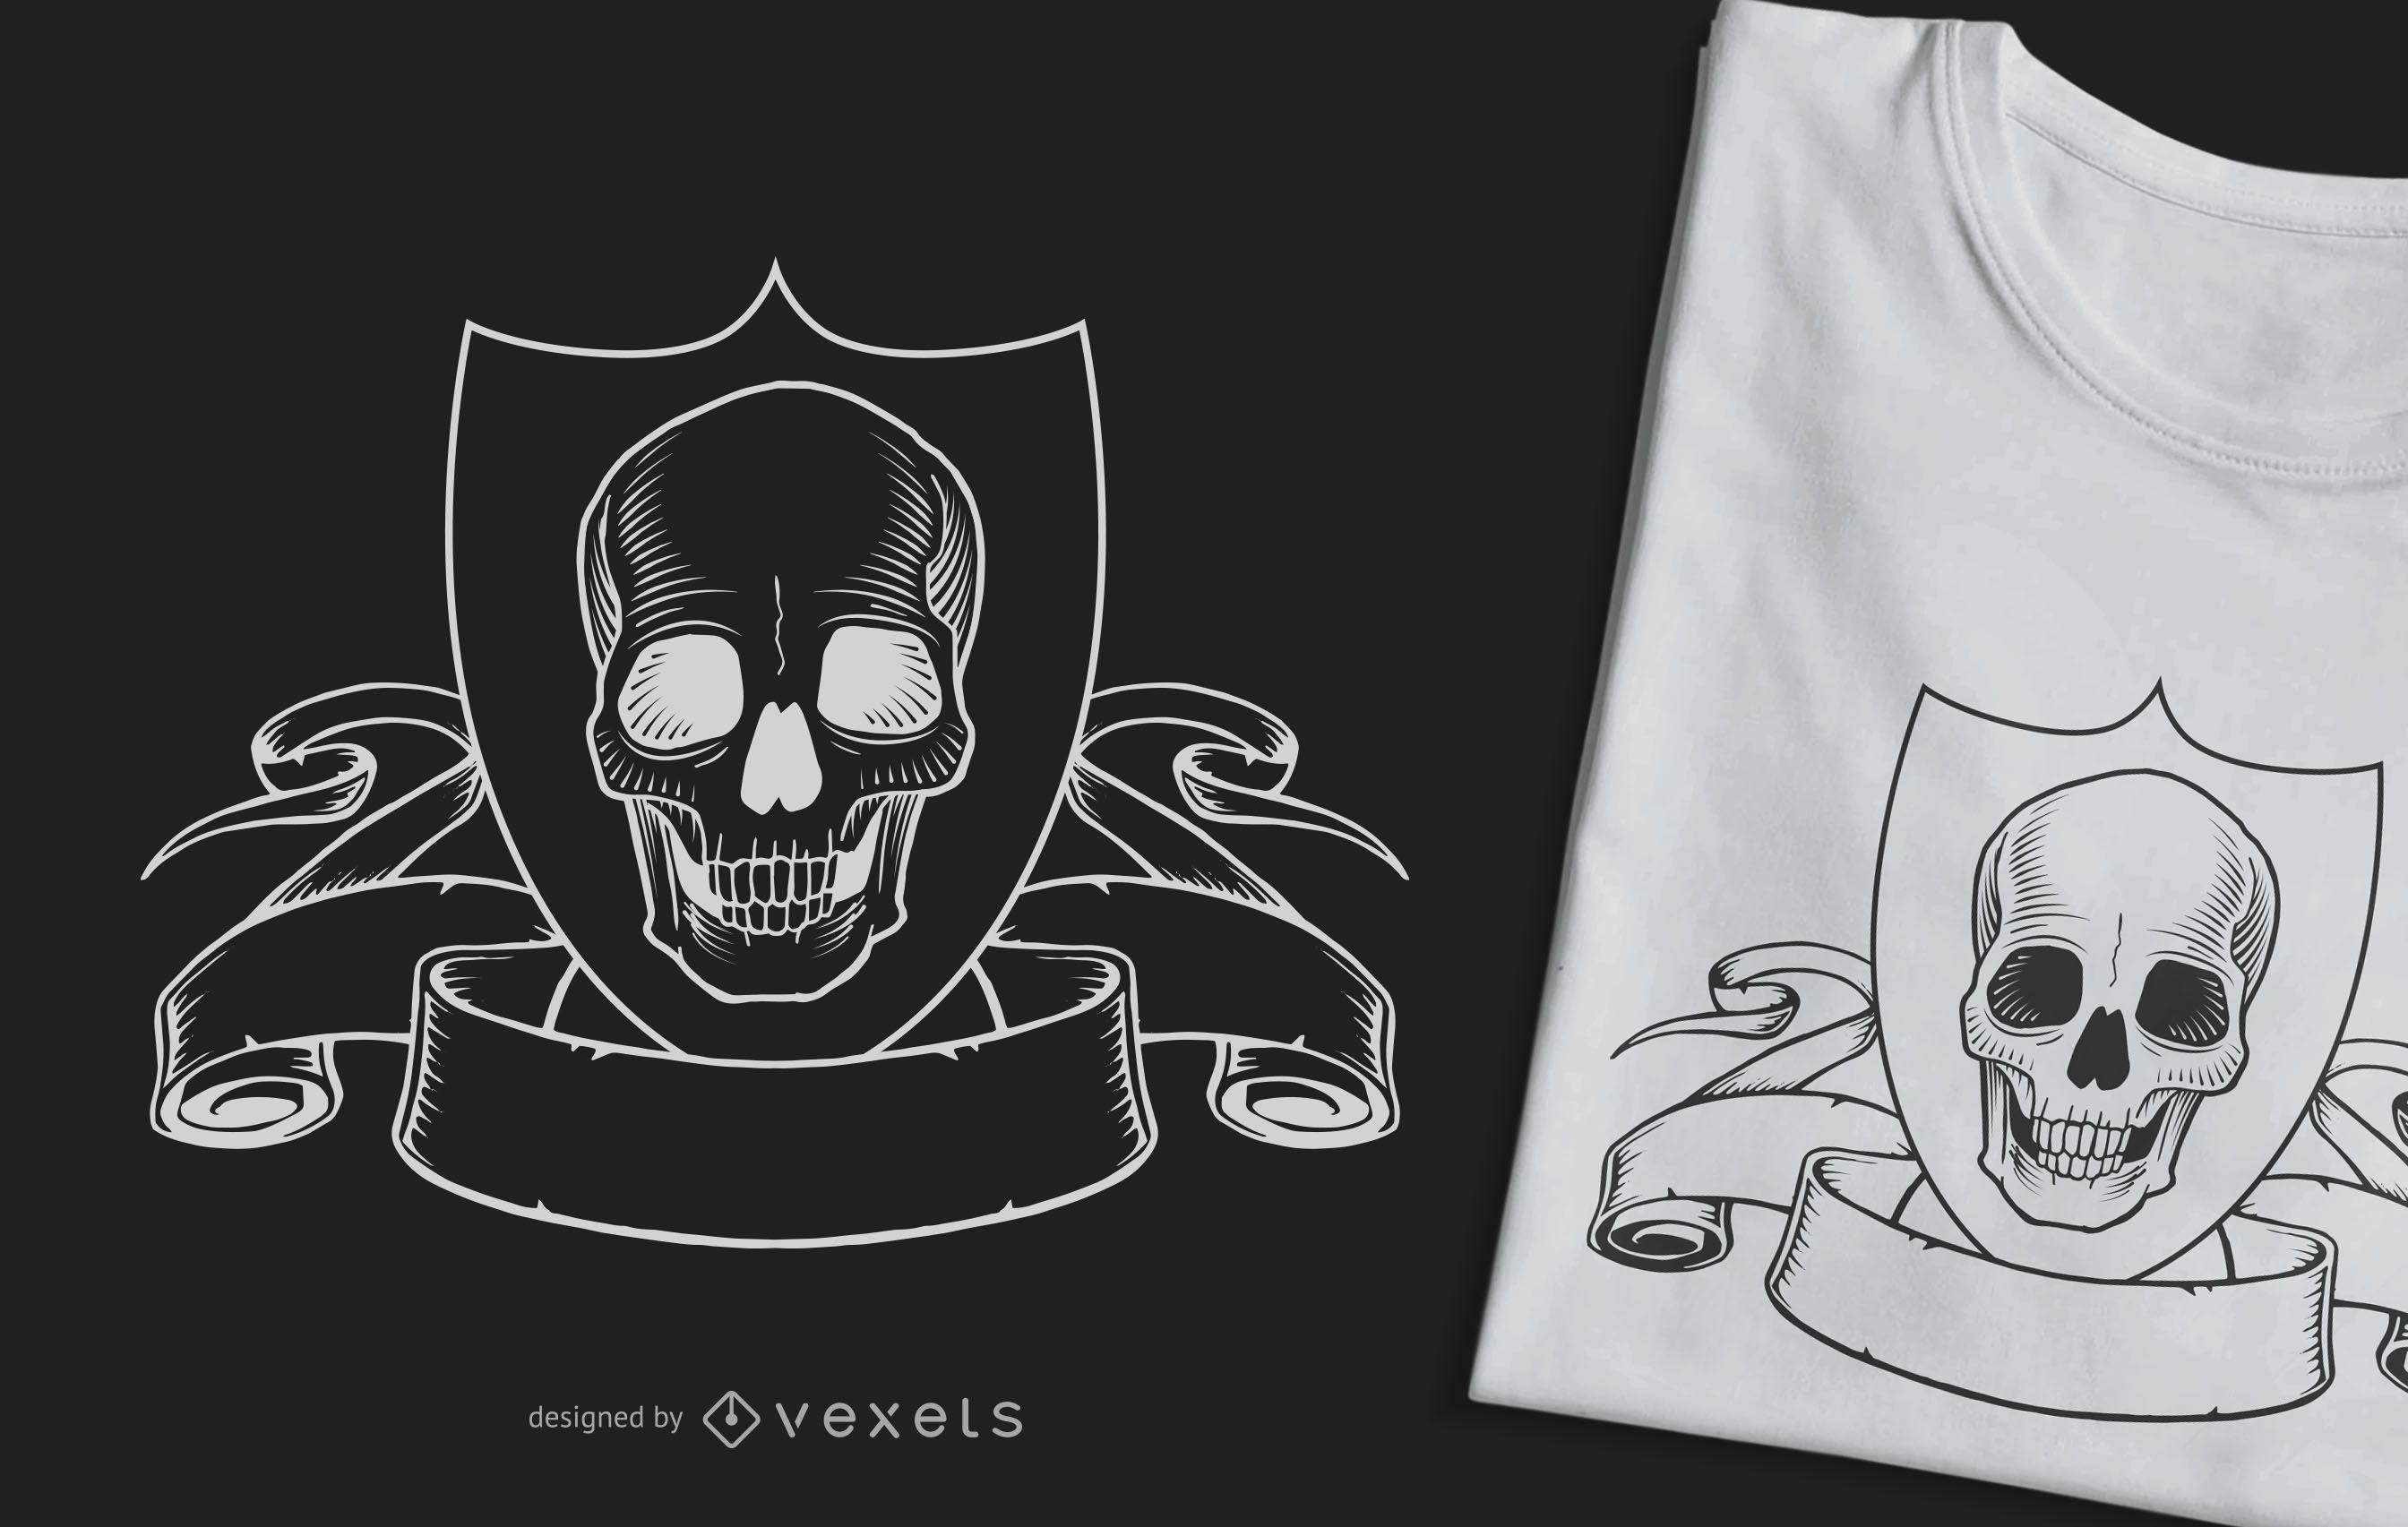 Skull Crest T-Shirt Design